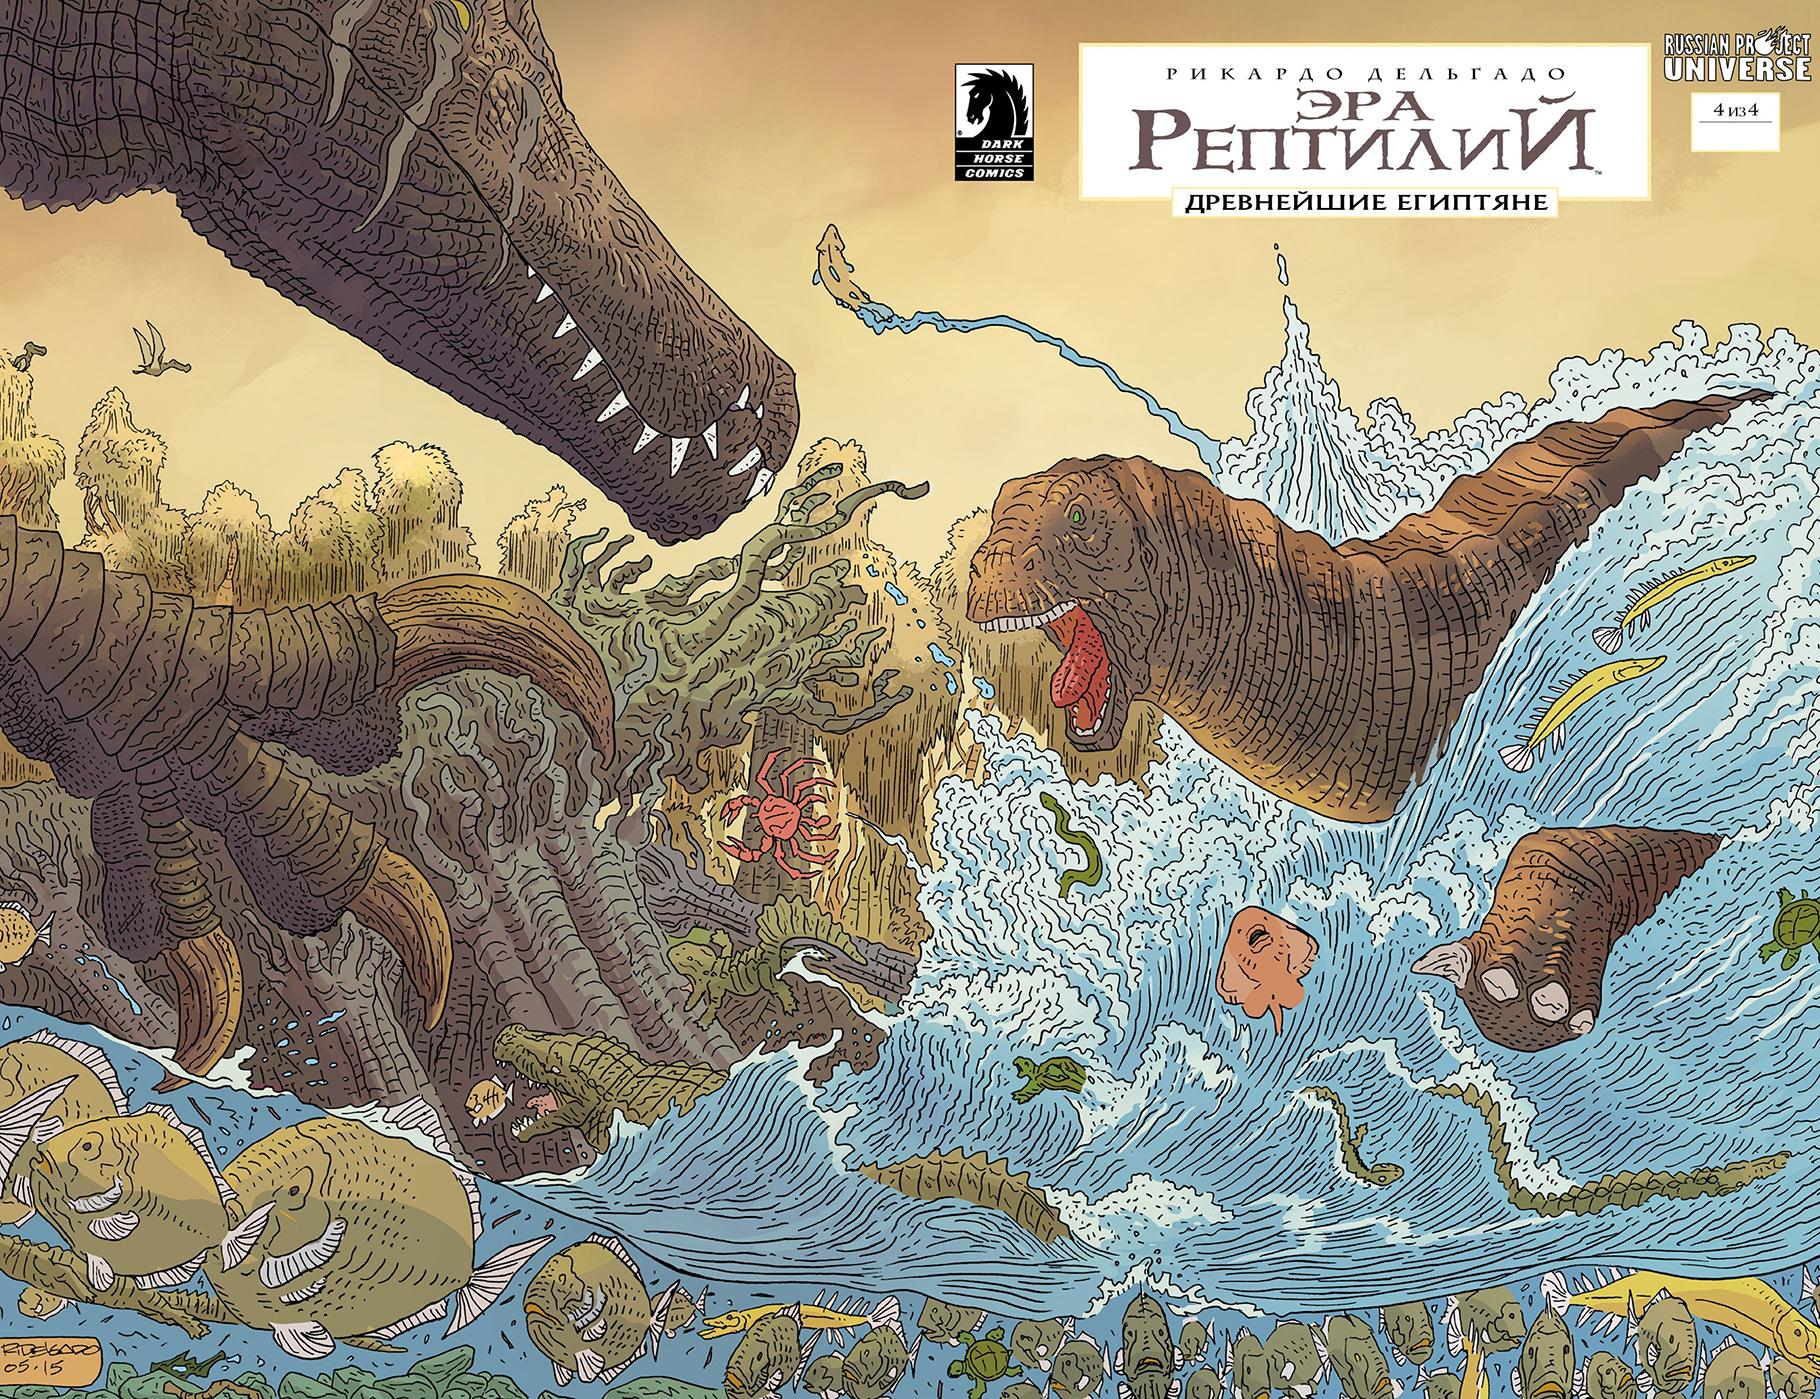 Комикс Эра рептилий: Древние египтяне